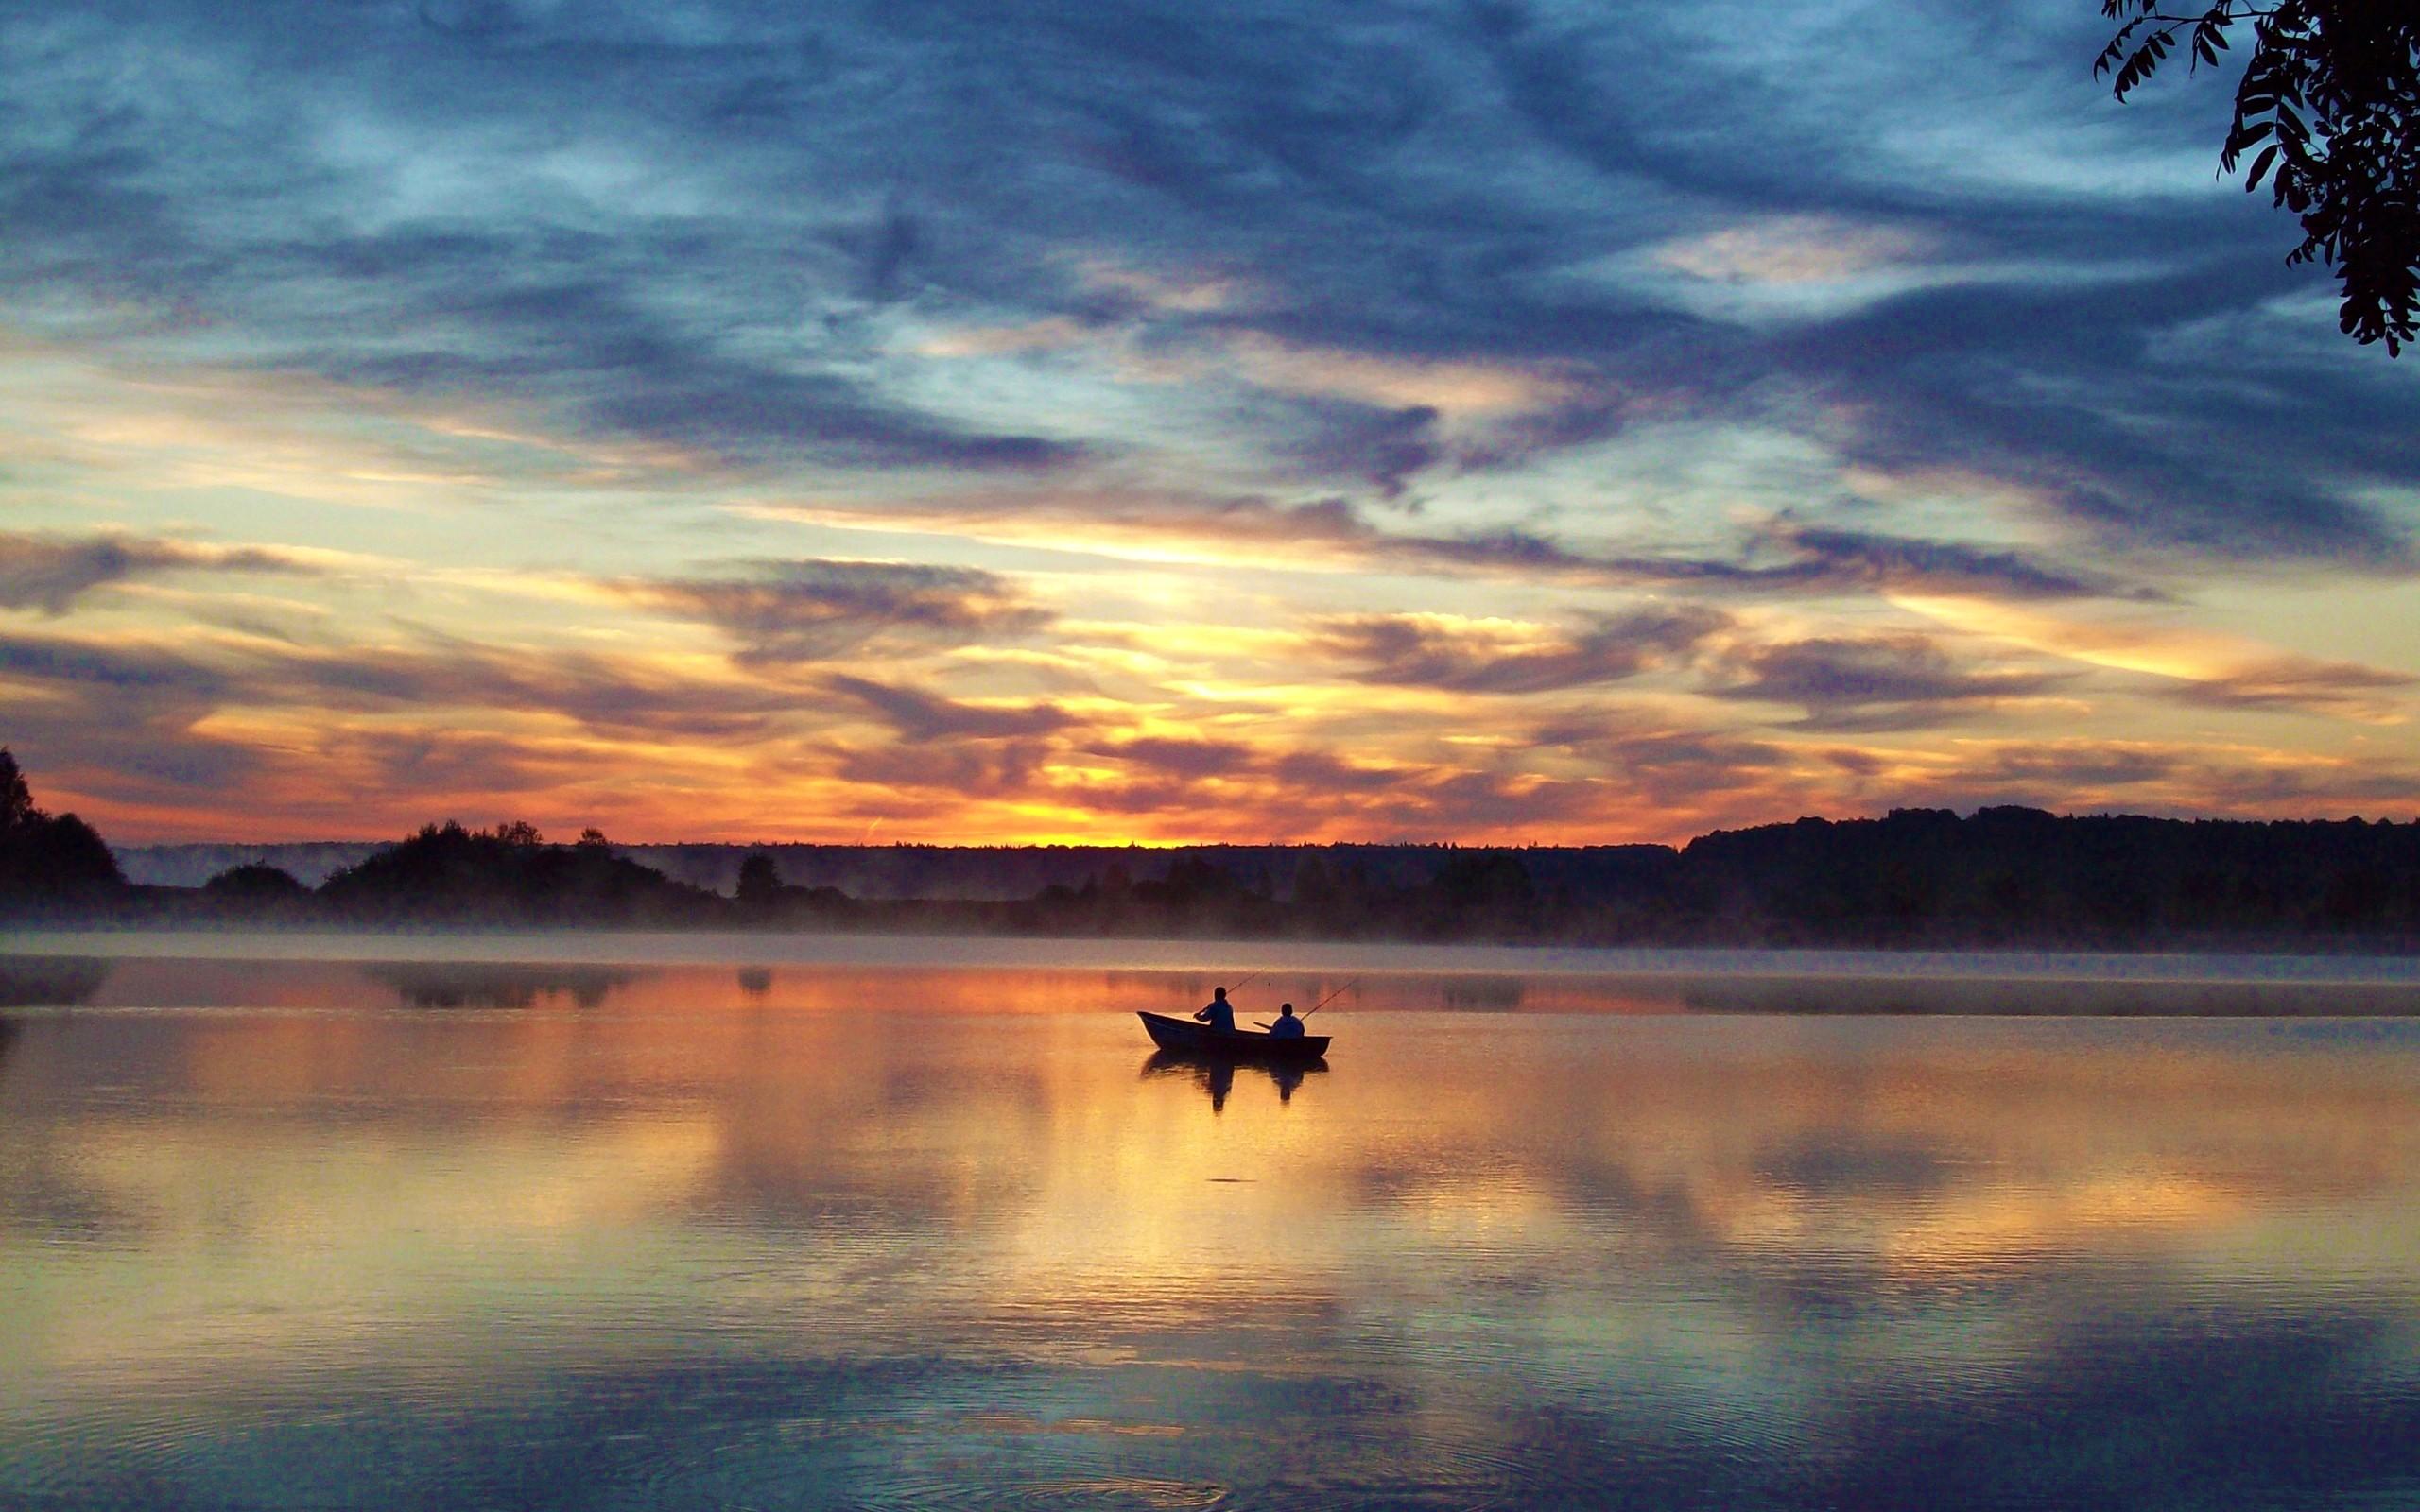 Sky: Evening Sky Sunlight Peaceful Lake Boat Sunset Colors Splendor ...